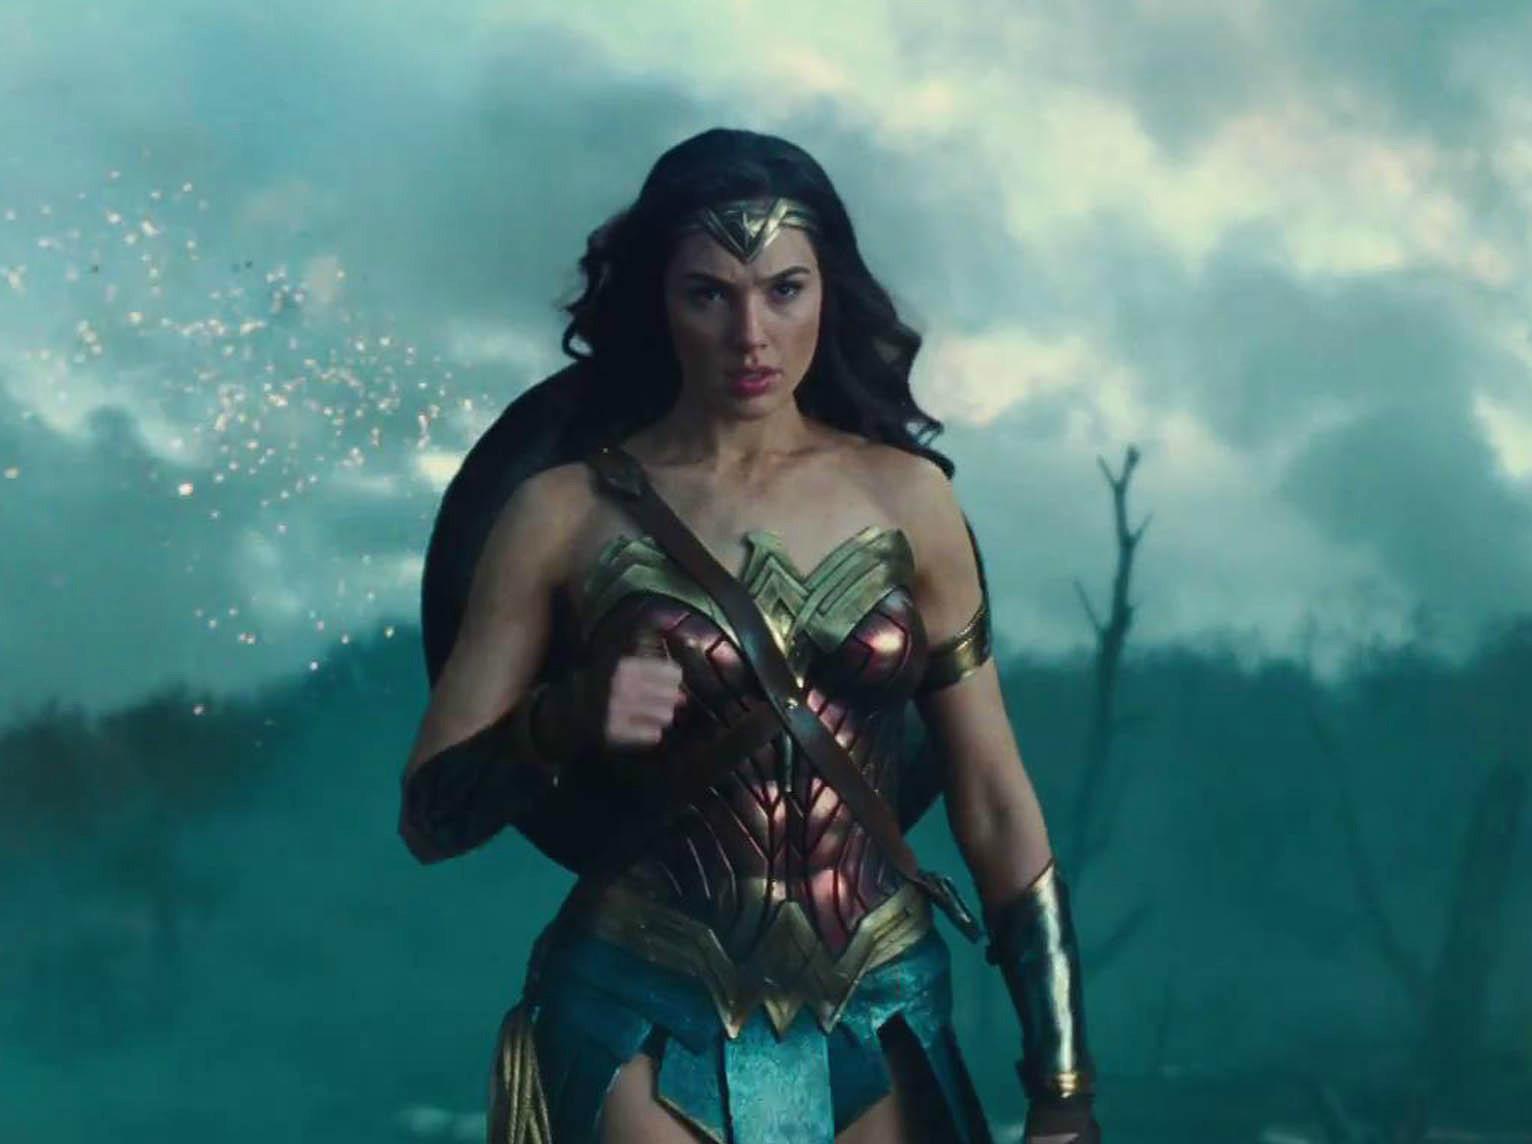 37 filmes sobre mulheres fortes e inspiradoras